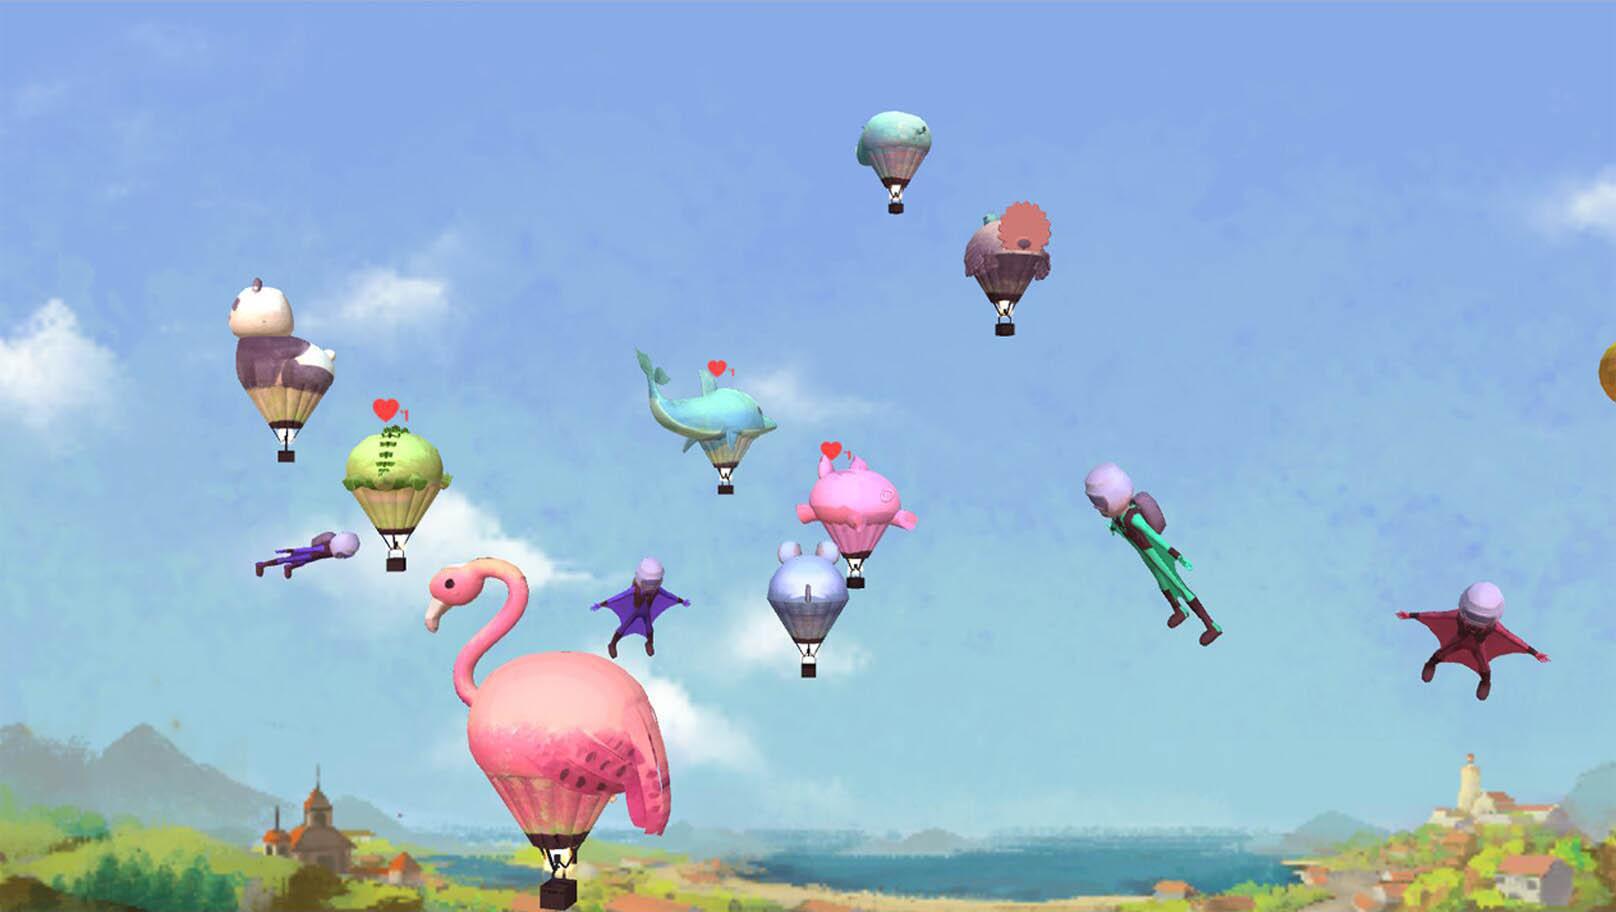 塗鴉樂園天空系列